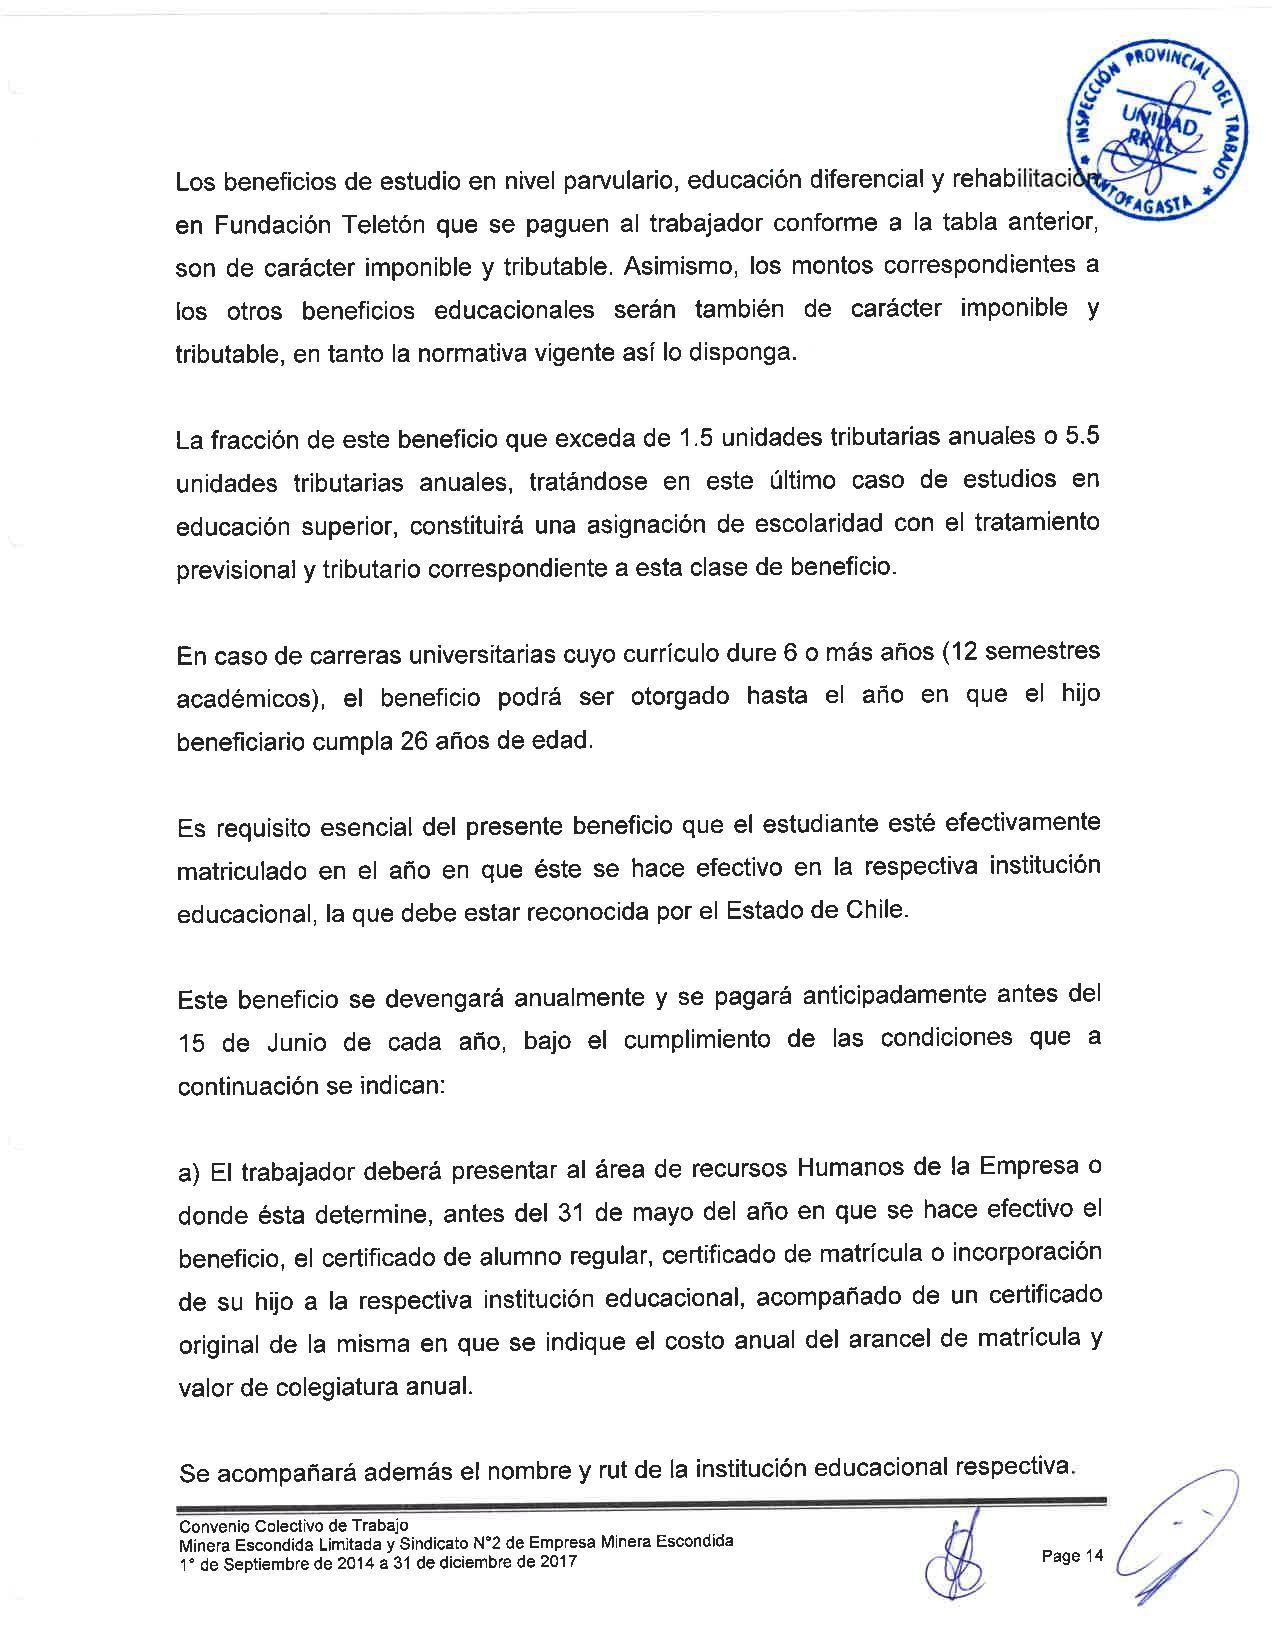 Página (14).jpg